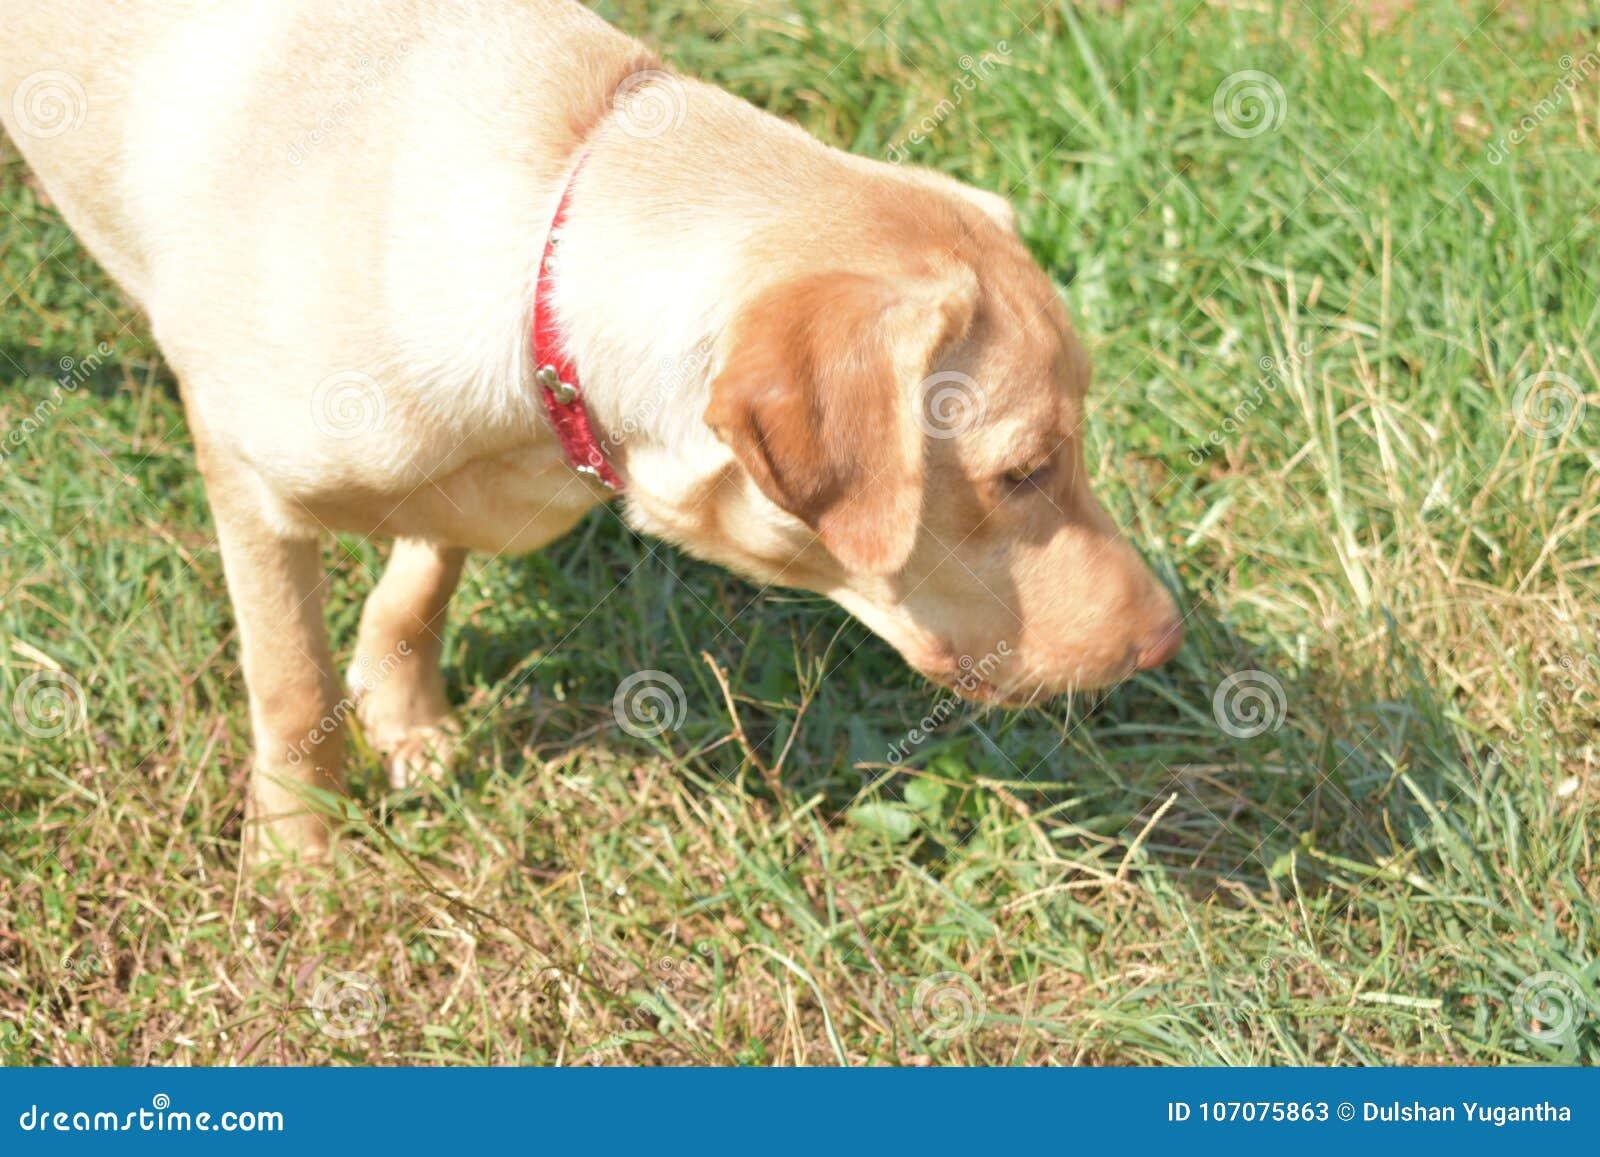 my pet dudley labrador in nature - My Pet Garden